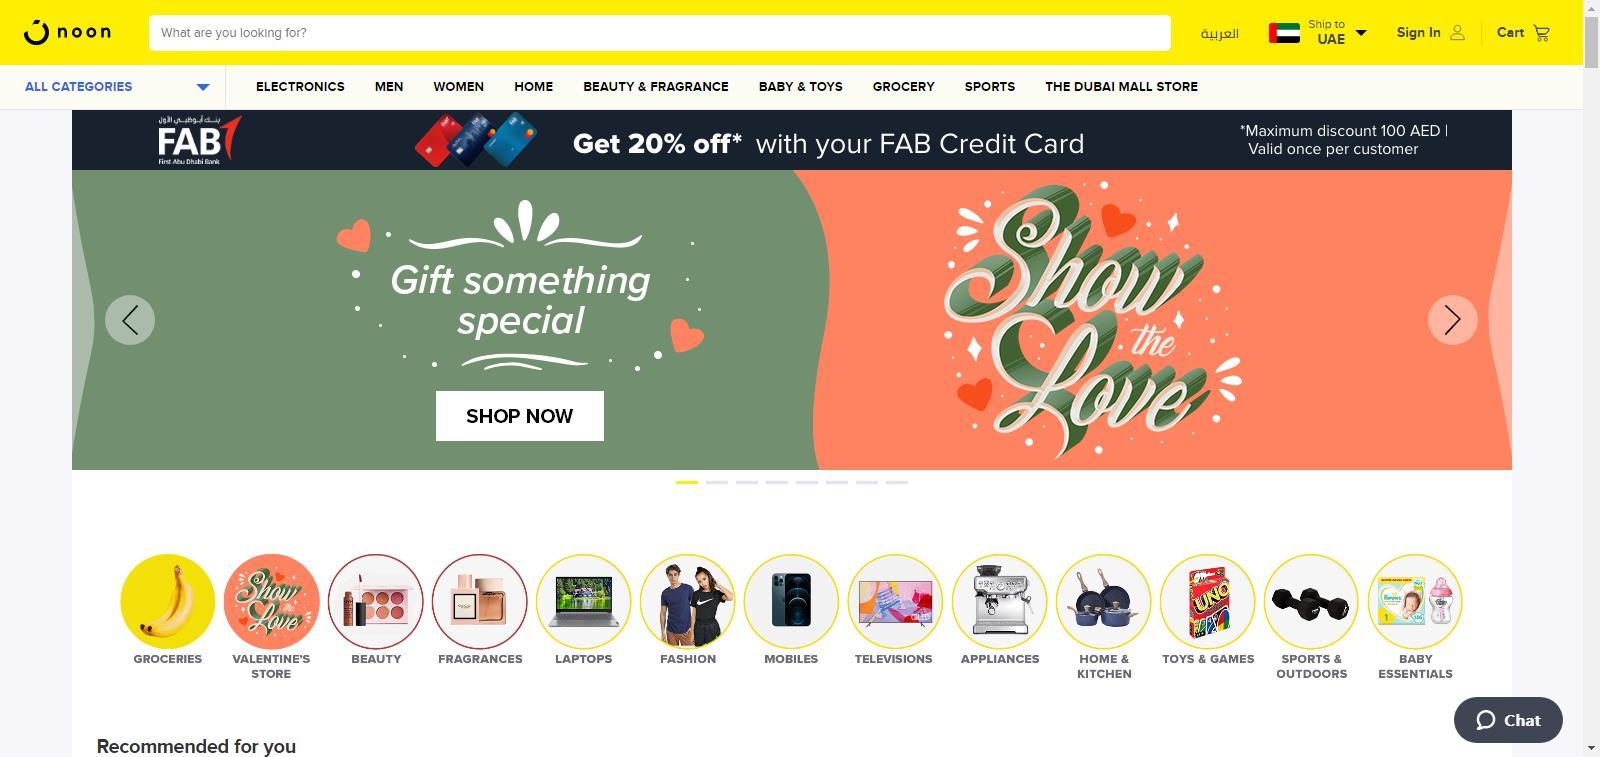 noon.com-中东最有影响力的电子商务网站之一